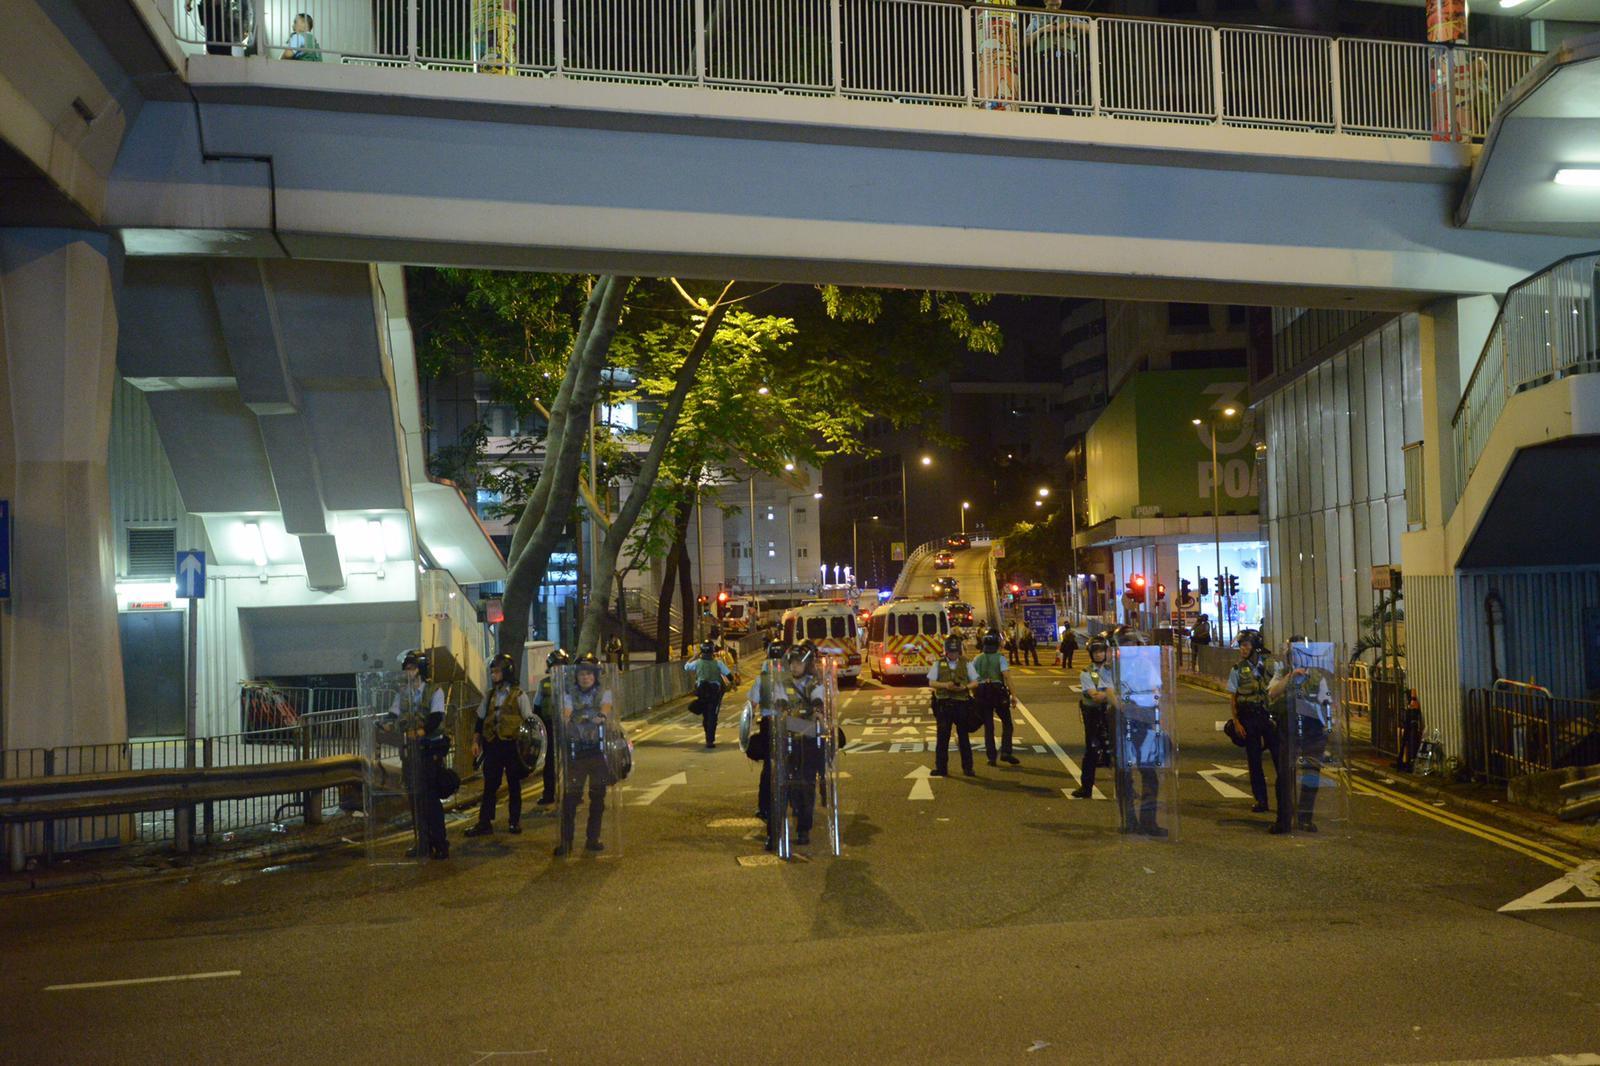 【逃犯條例】凌晨示威者減少 多條街道重開